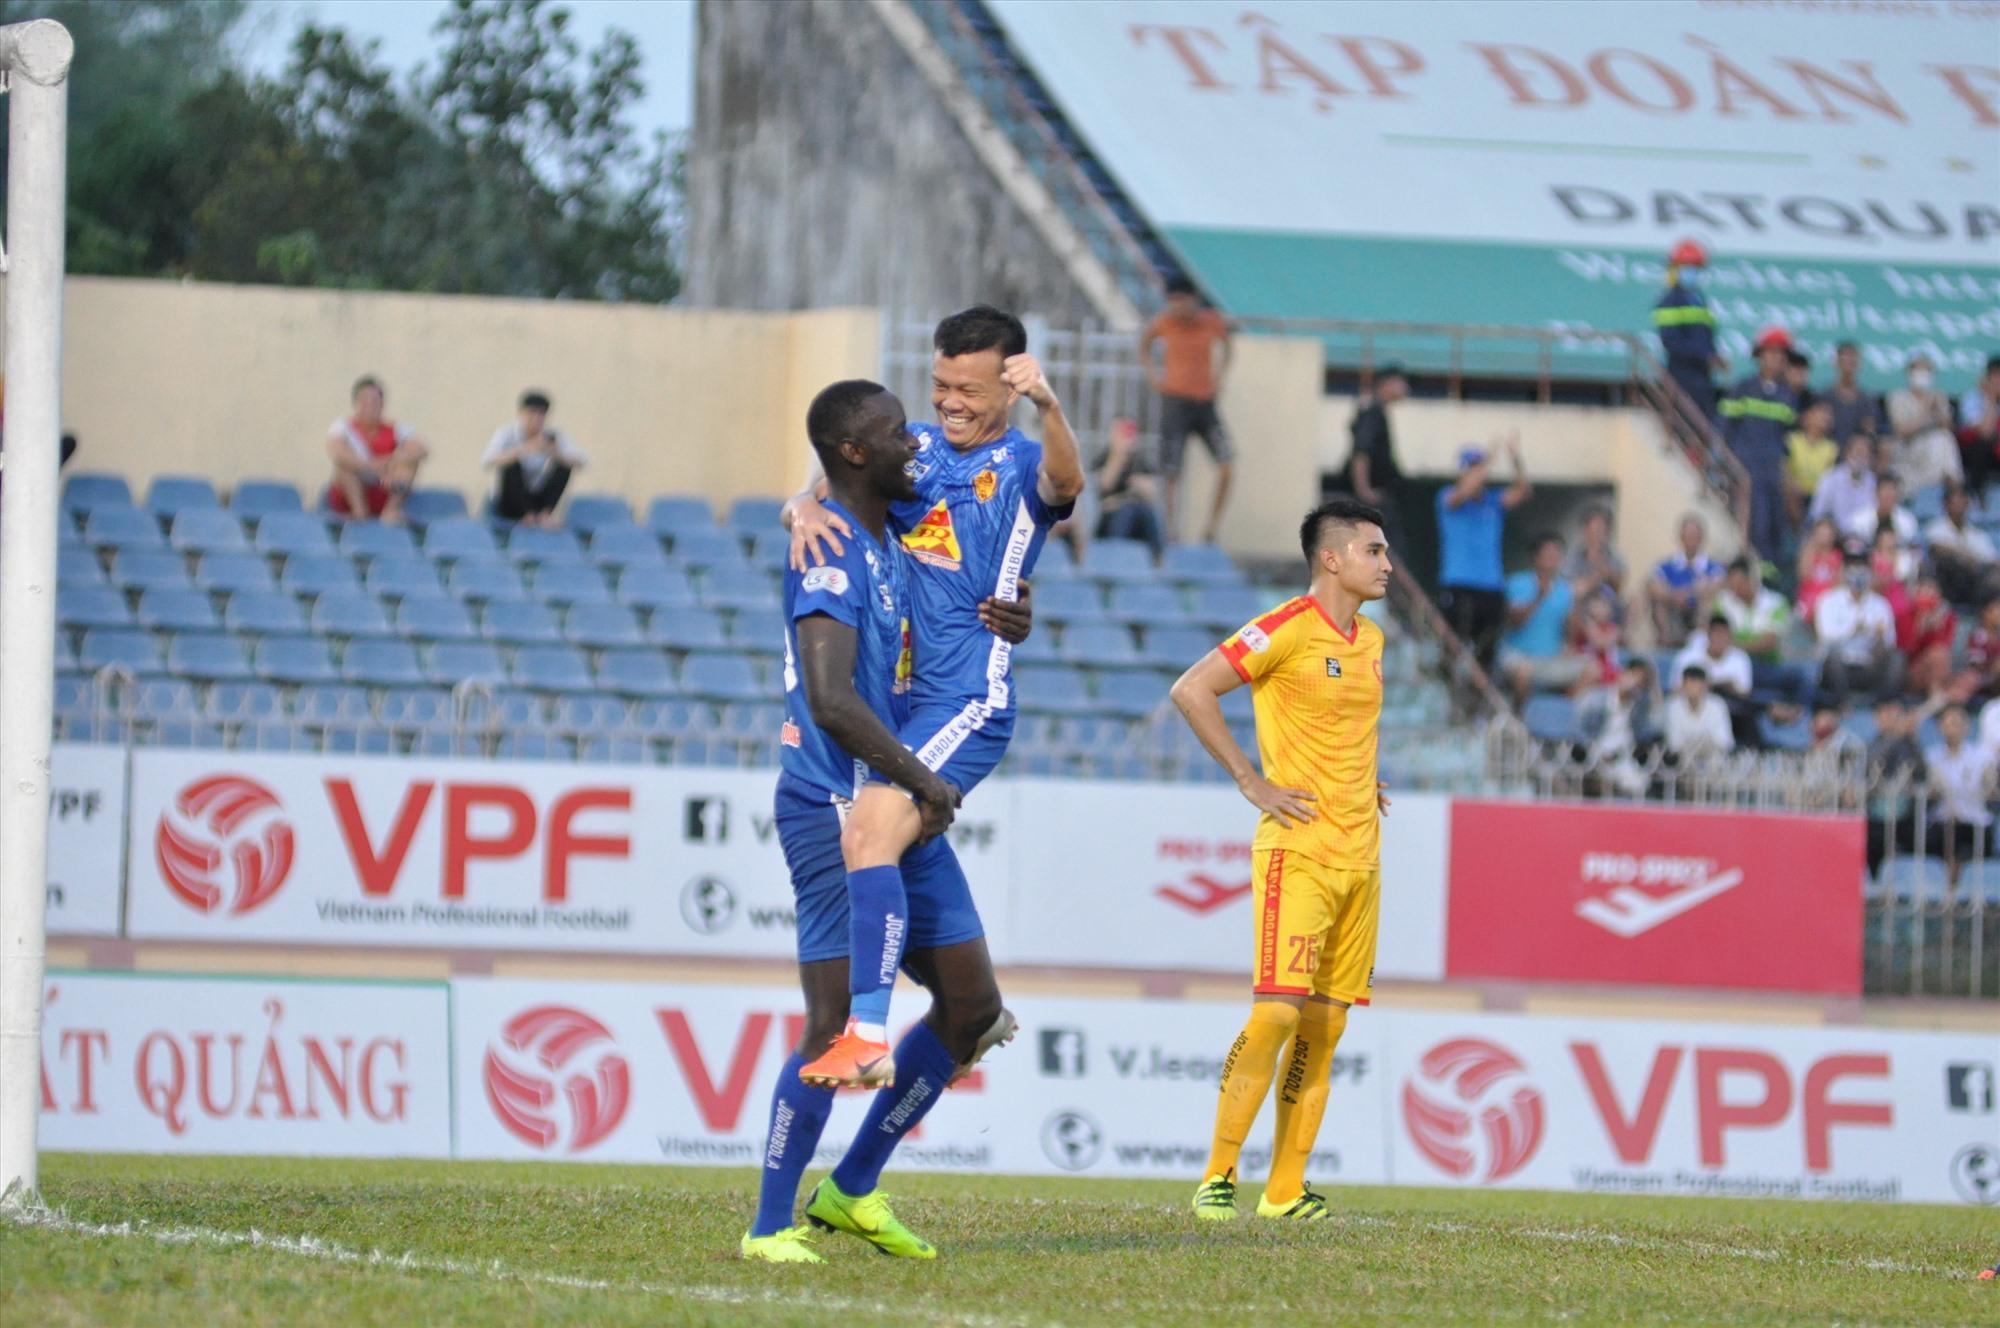 Hai cầu thủ ghi bàn trong chiến thắng Thanh Hóa ăn mừng cùng nhau. Ảnh: T.V